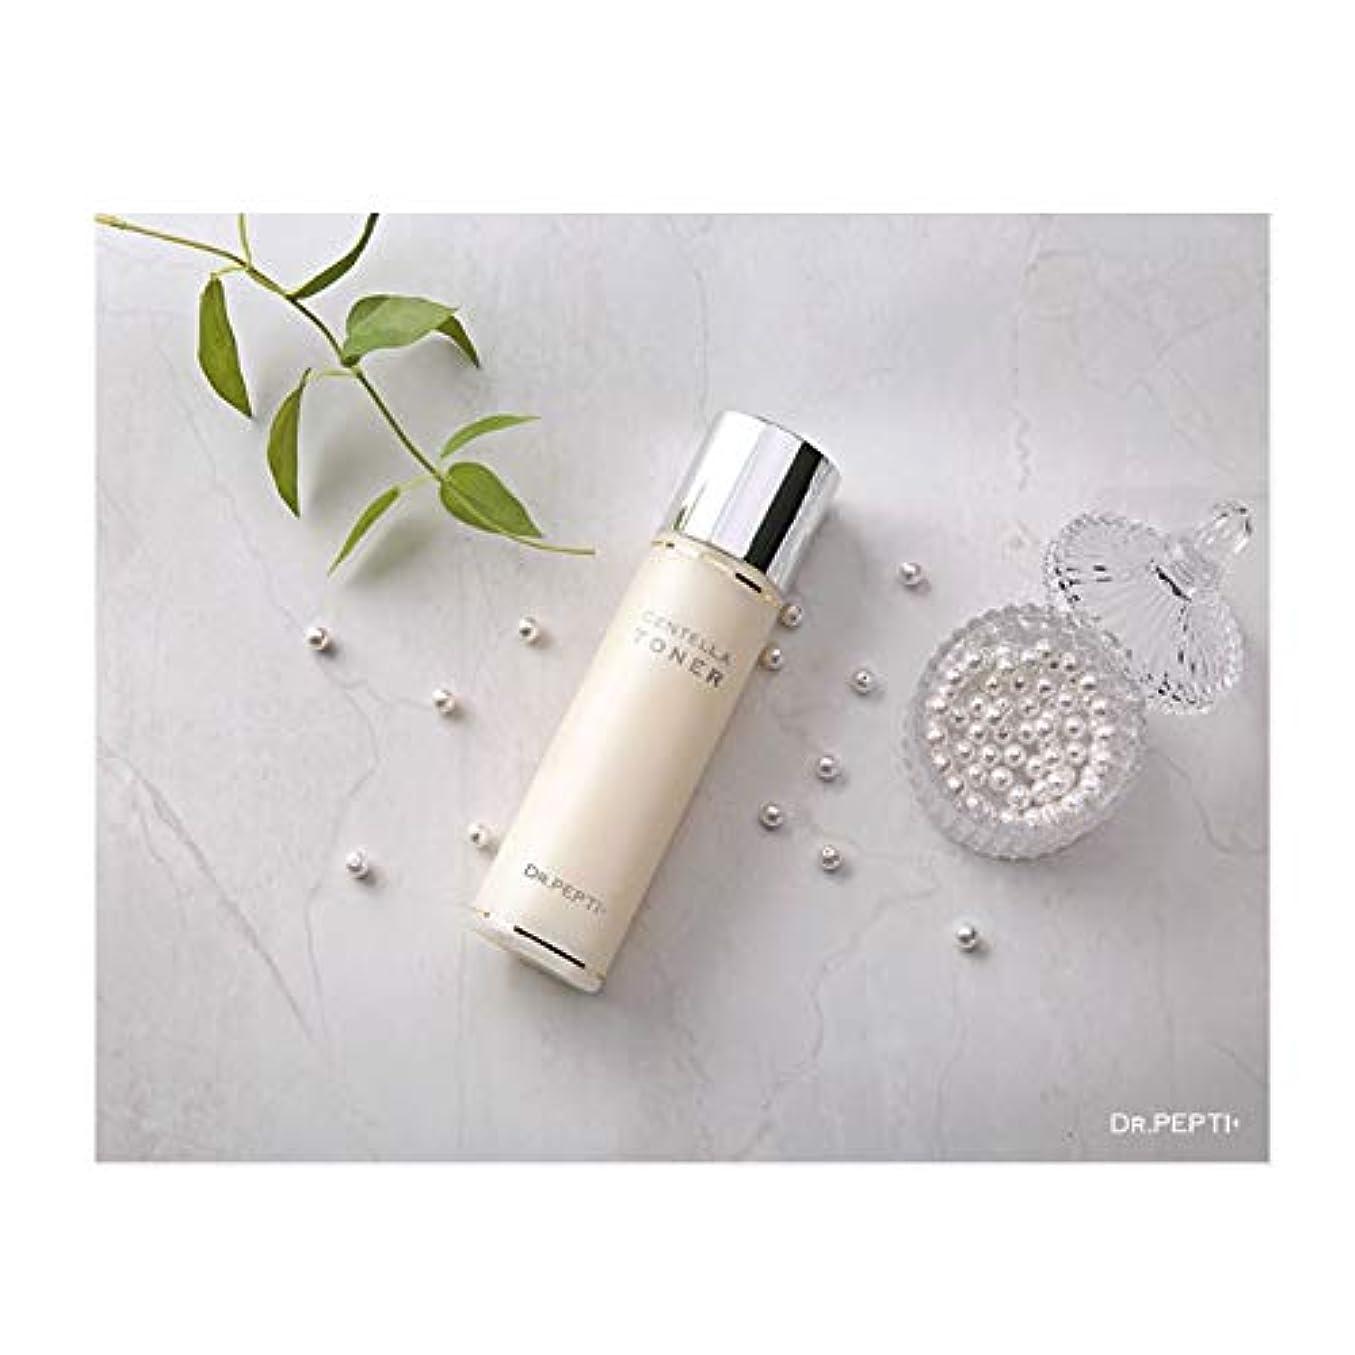 物理的に美容師控えるジェイアンドコーシュドクターペプチセンテラトナー180ml韓国コスメ、J&Coceu Dr.Pepti+ Centella Toner 180ml Korean Cosmetics [並行輸入品]